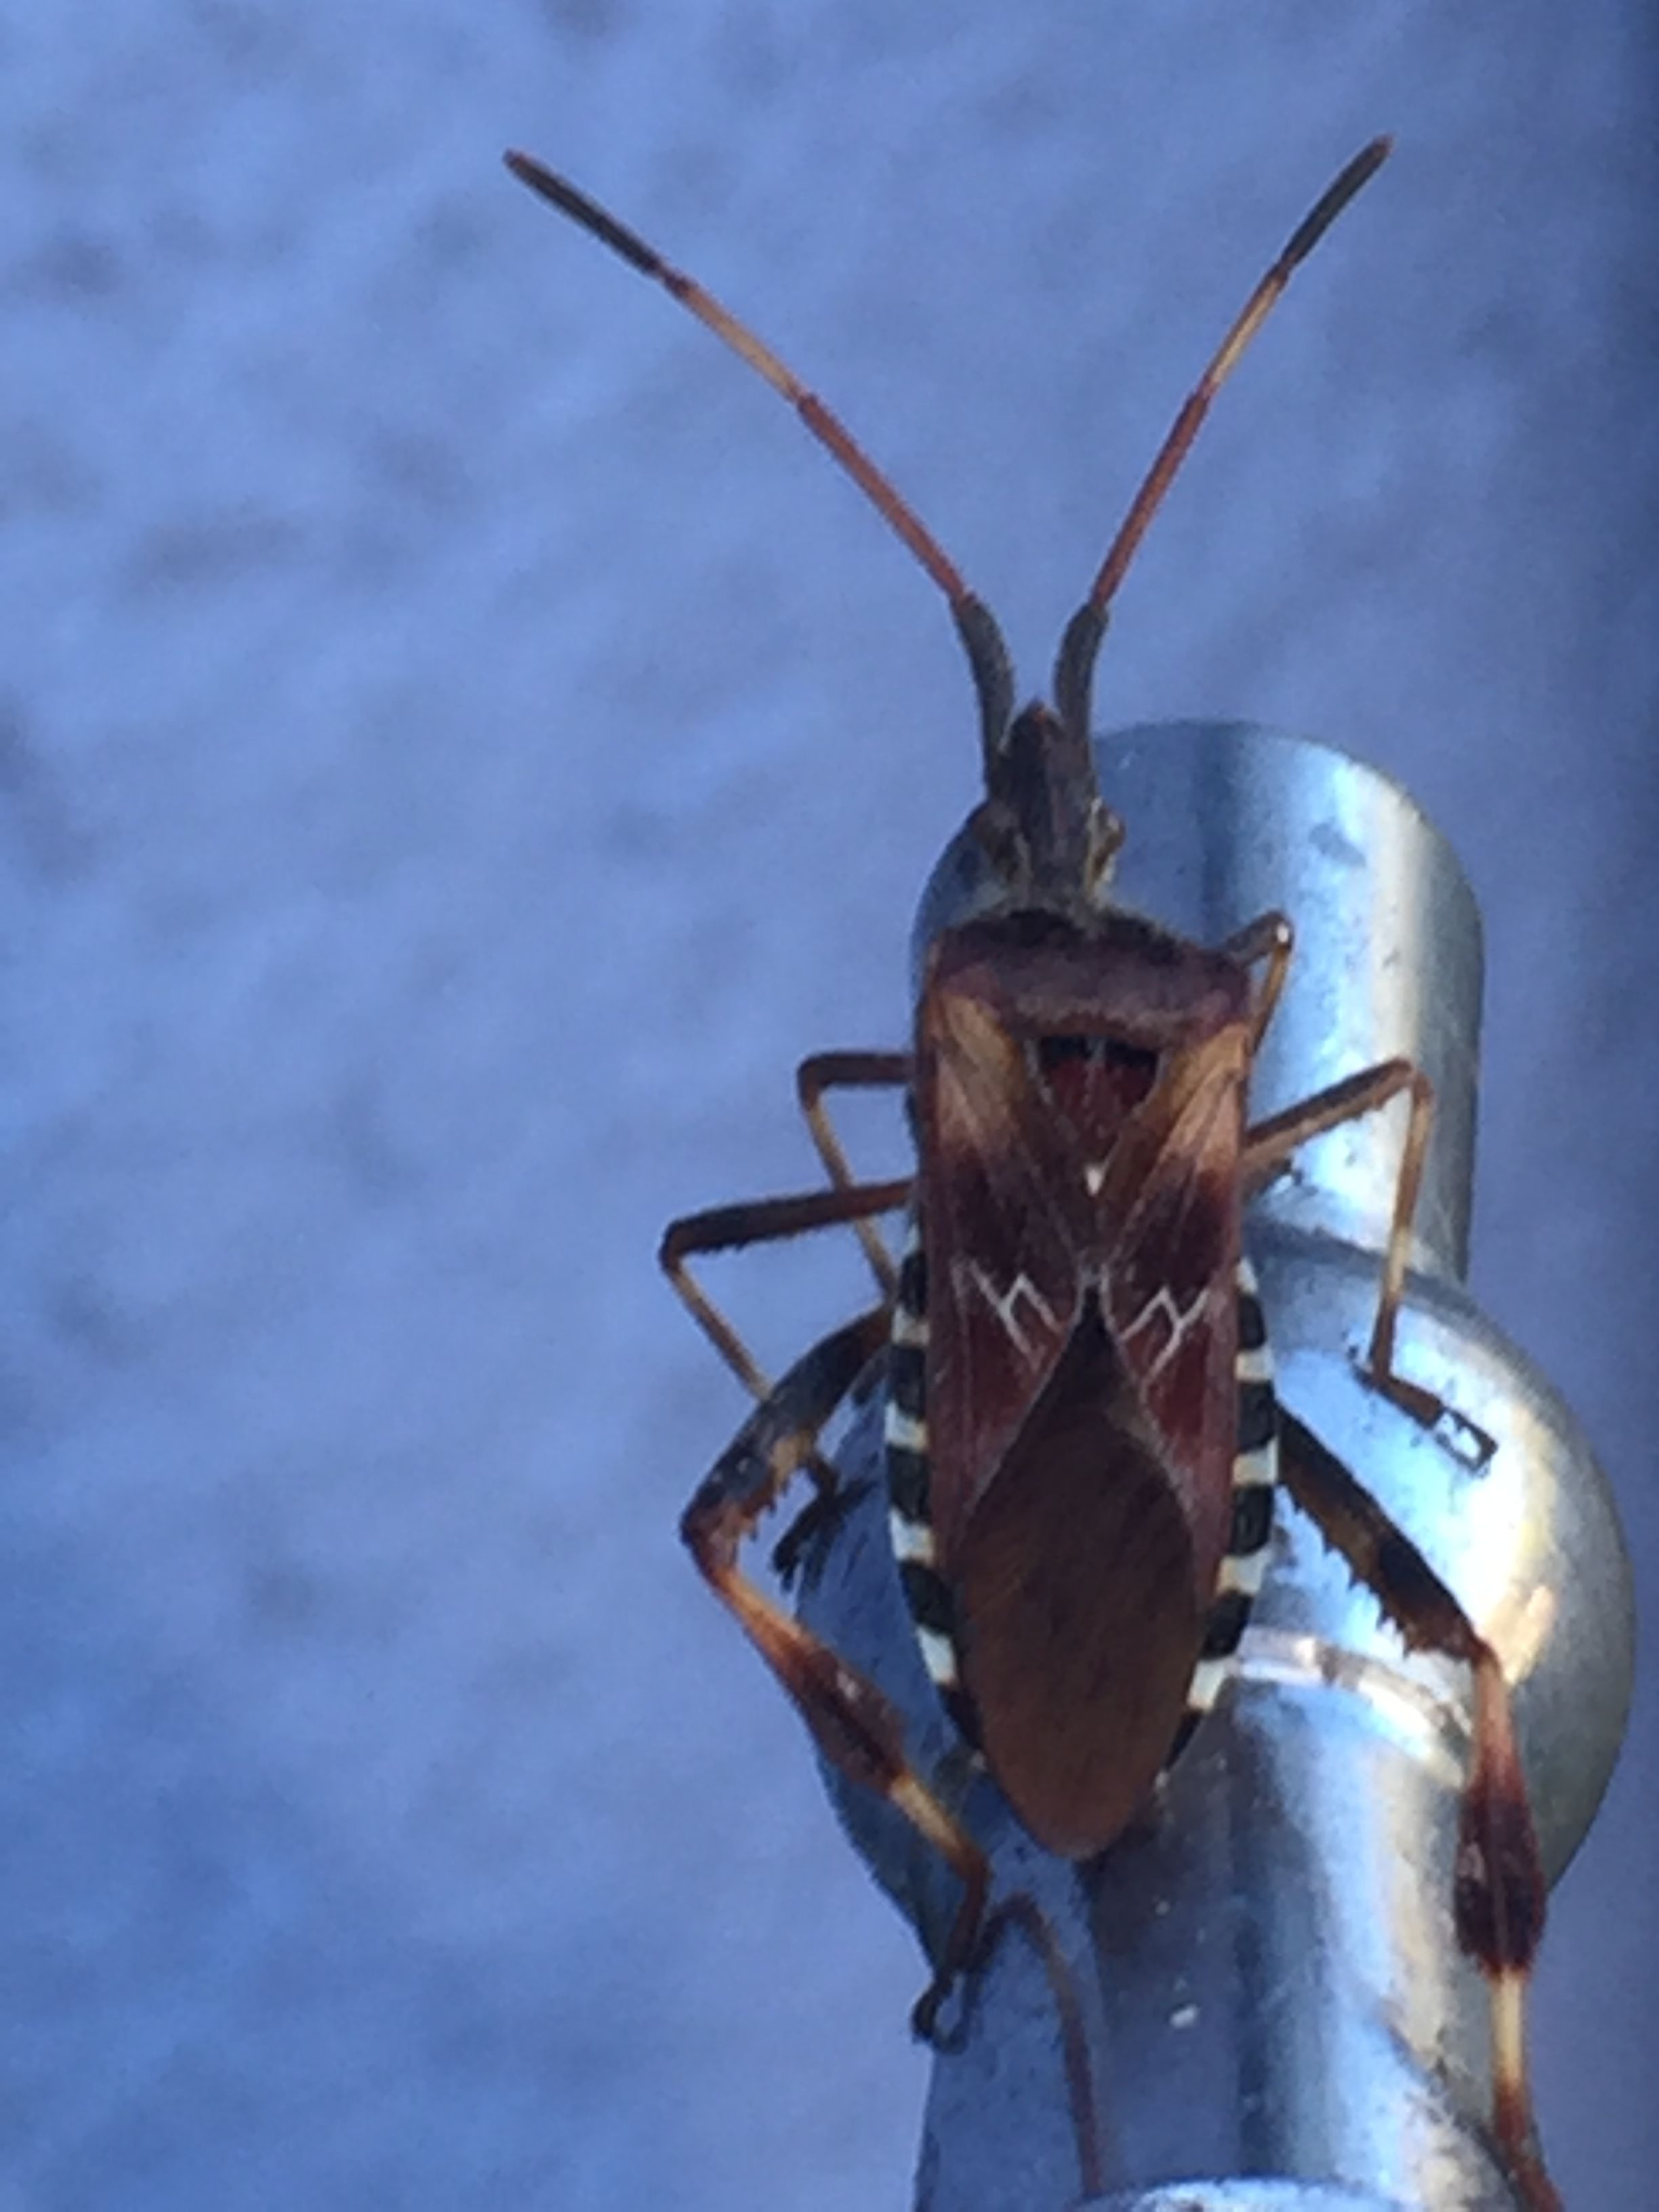 Heute Bei Mir Im Garten Auf Dem Wasserhahn Kennt Jemand Diesen Käfer Wasserhahn Hähnchen